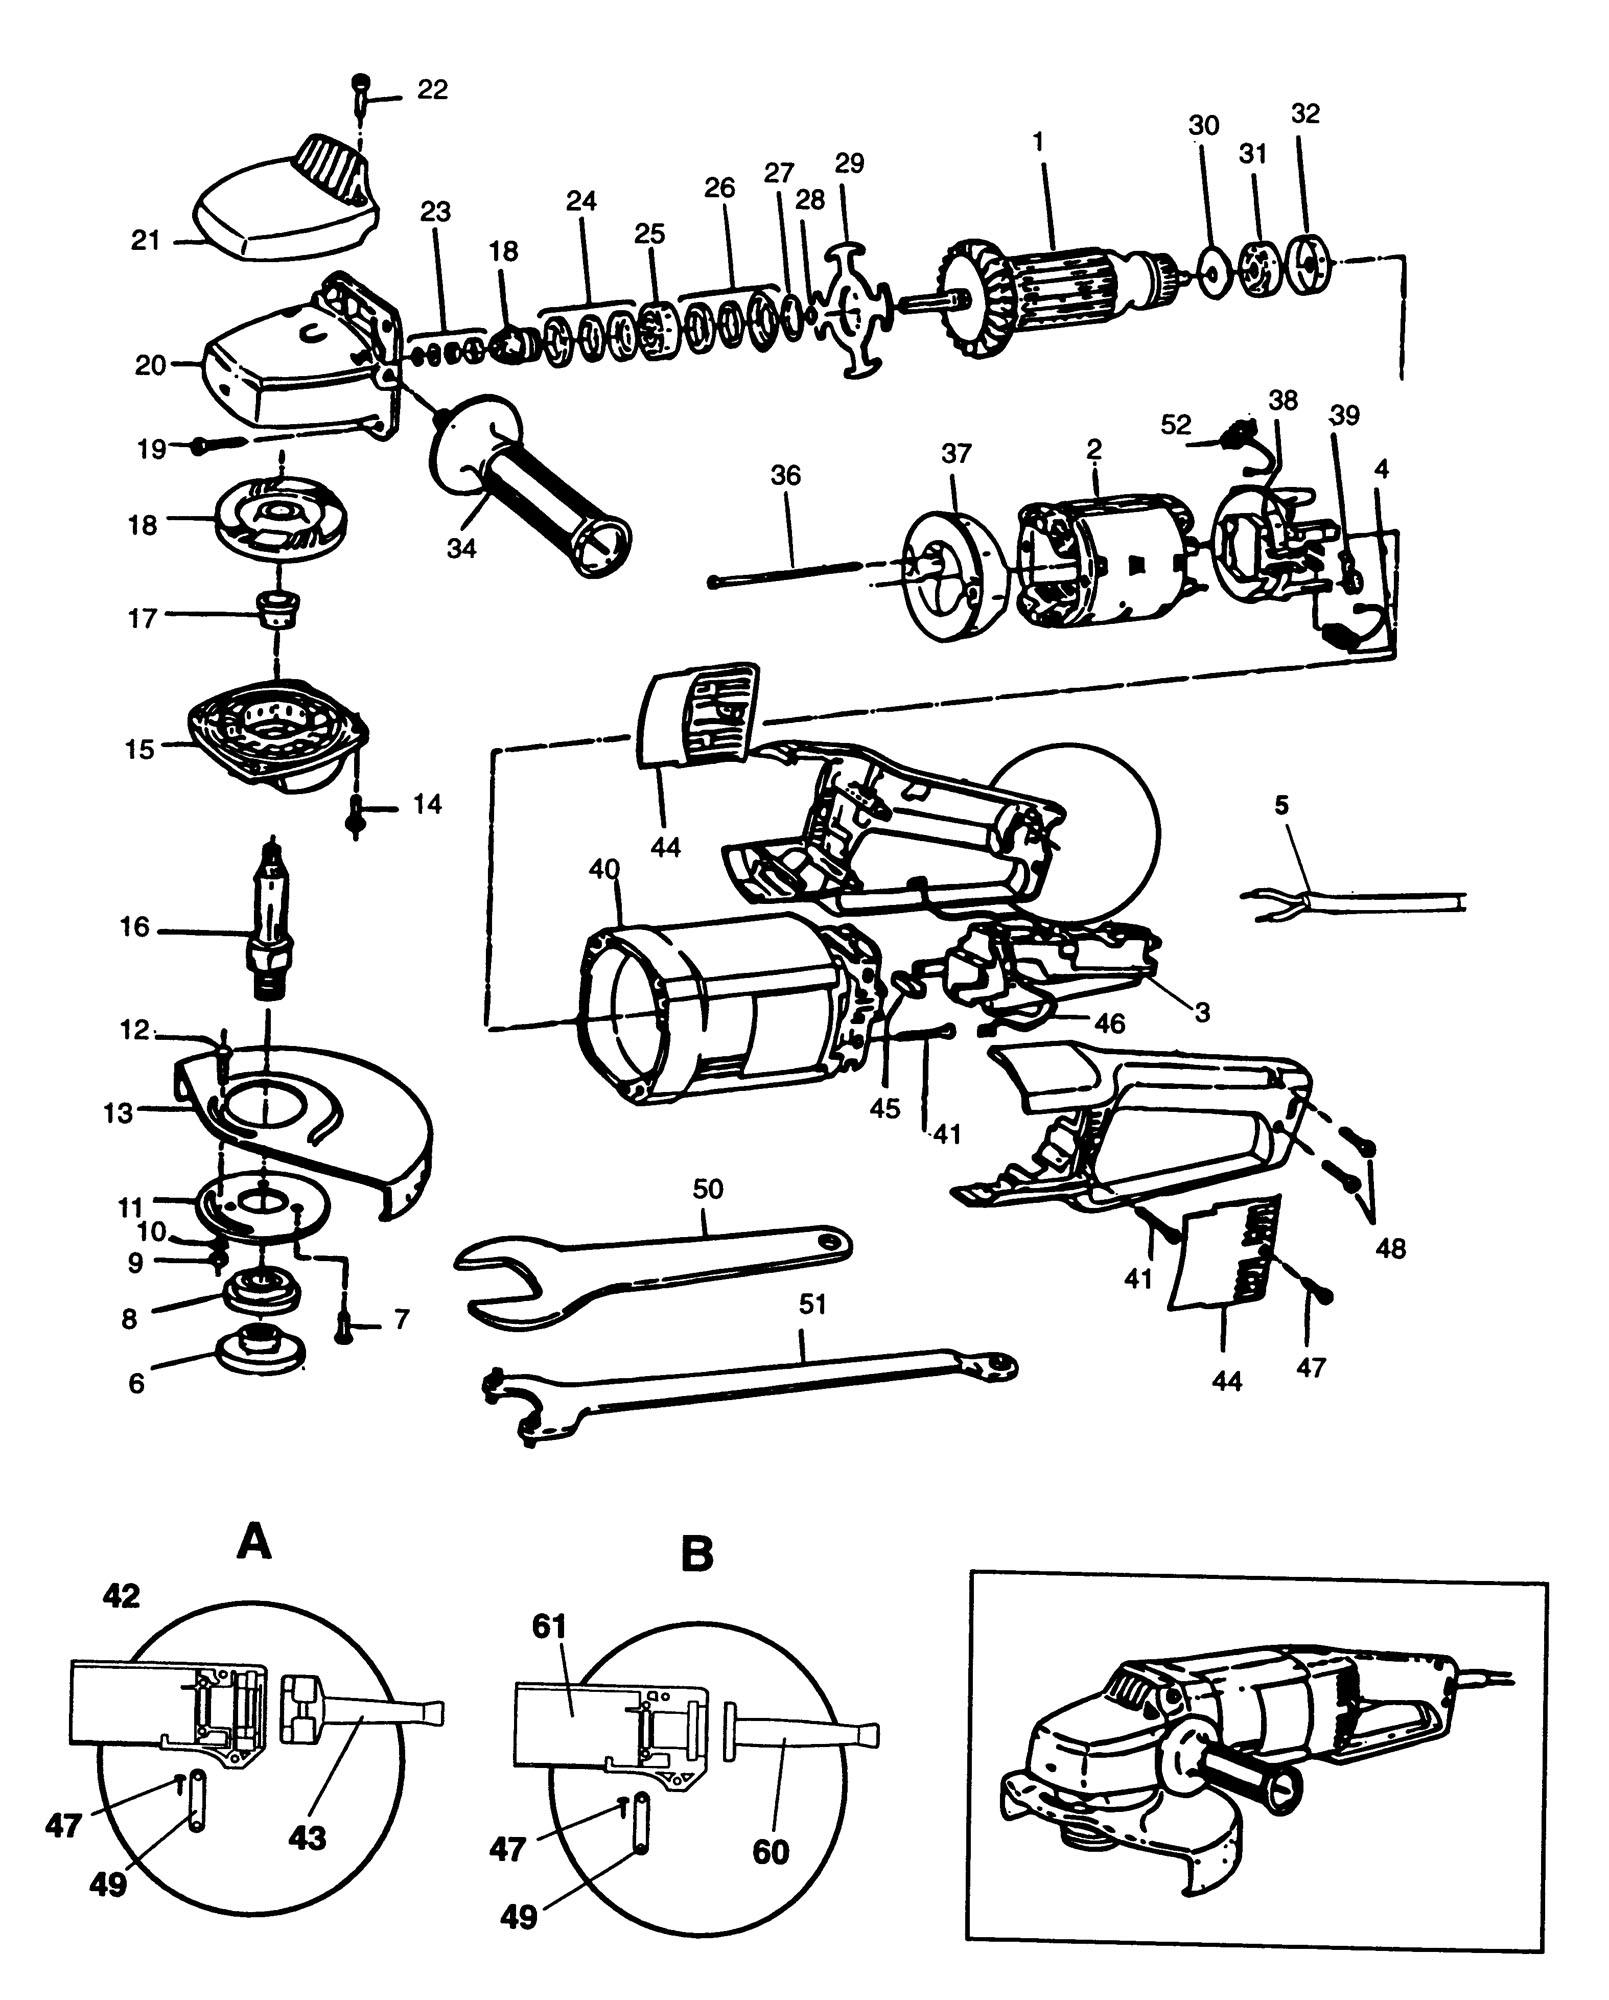 Spares for Black & Decker Bd1820 Angle Grinder (type 1